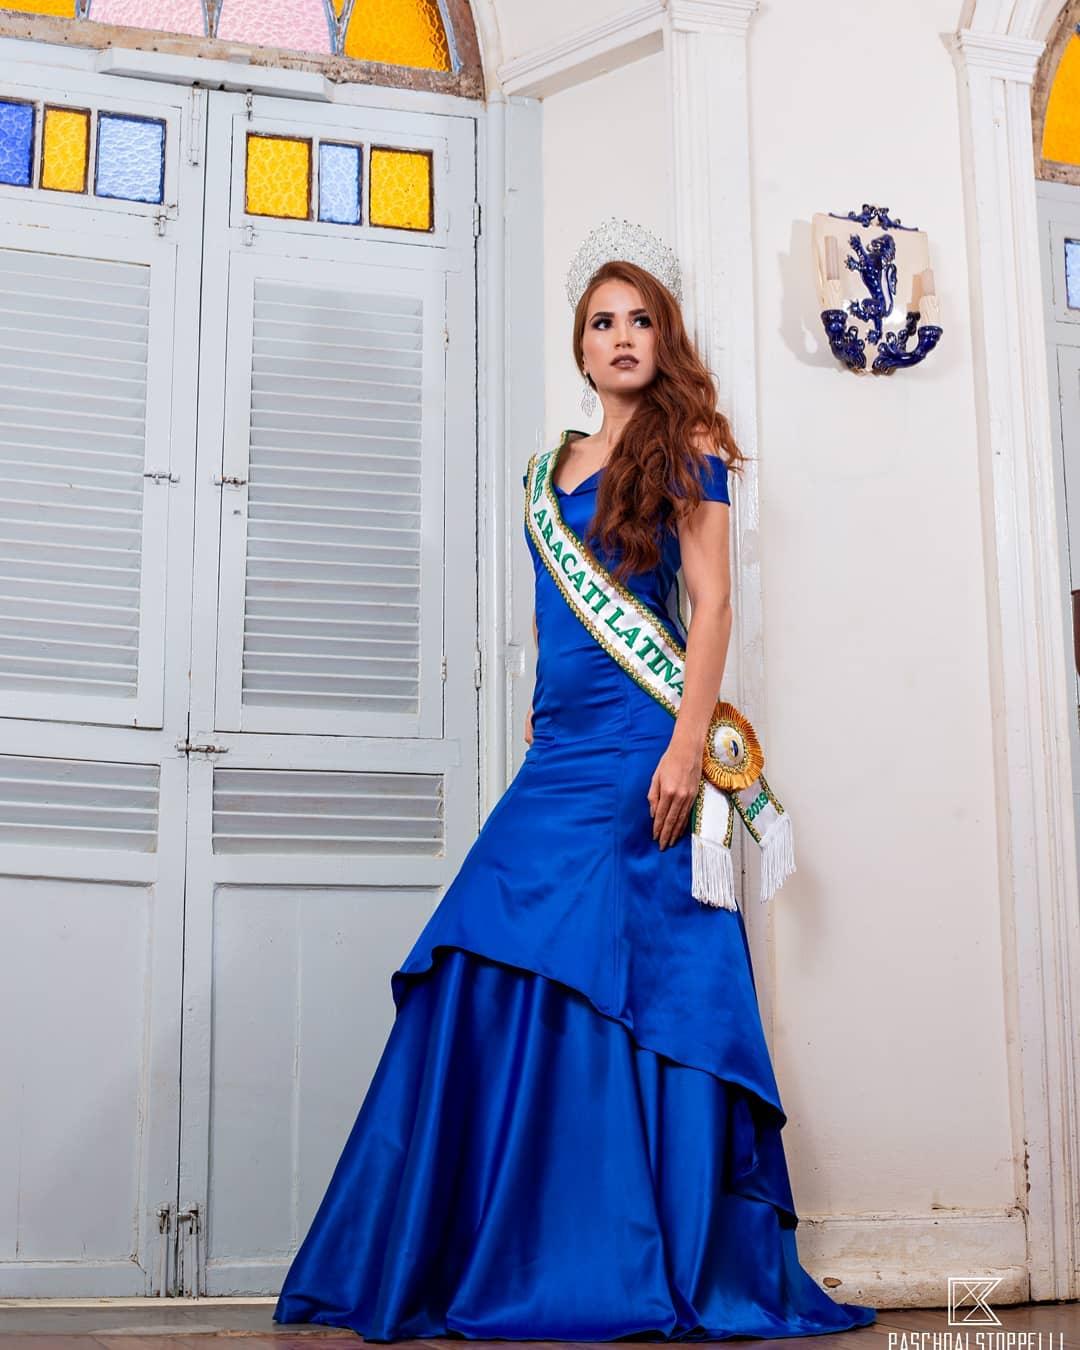 thelena rodrigues, vice miss ceara latina 2020. 71179710